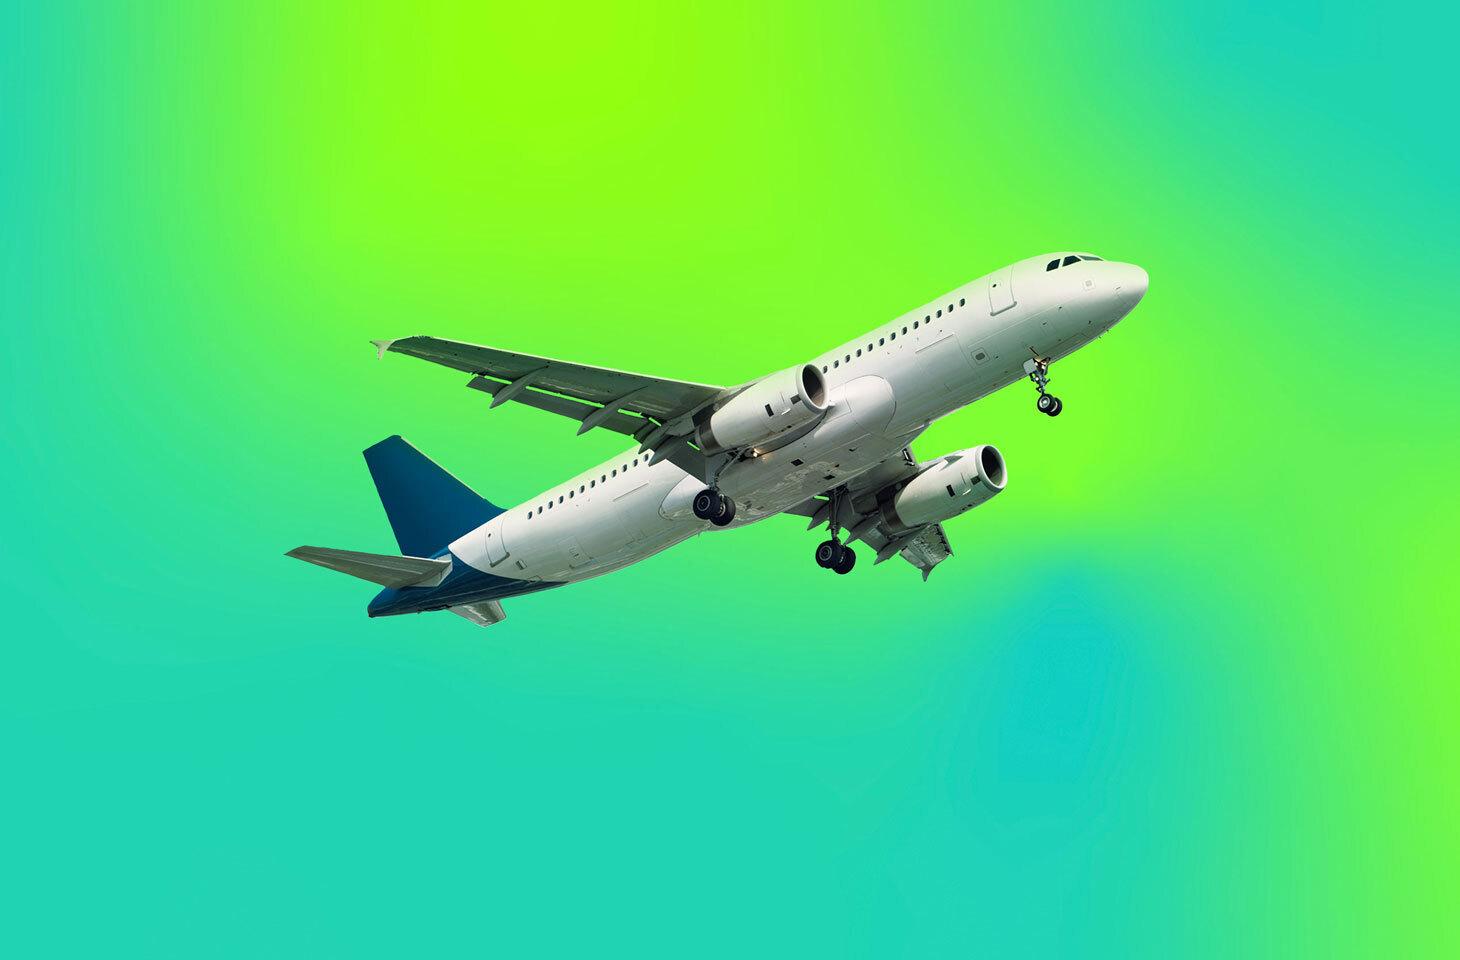 空港をサイバーインシデントから守る | カスペルスキー公式ブログ